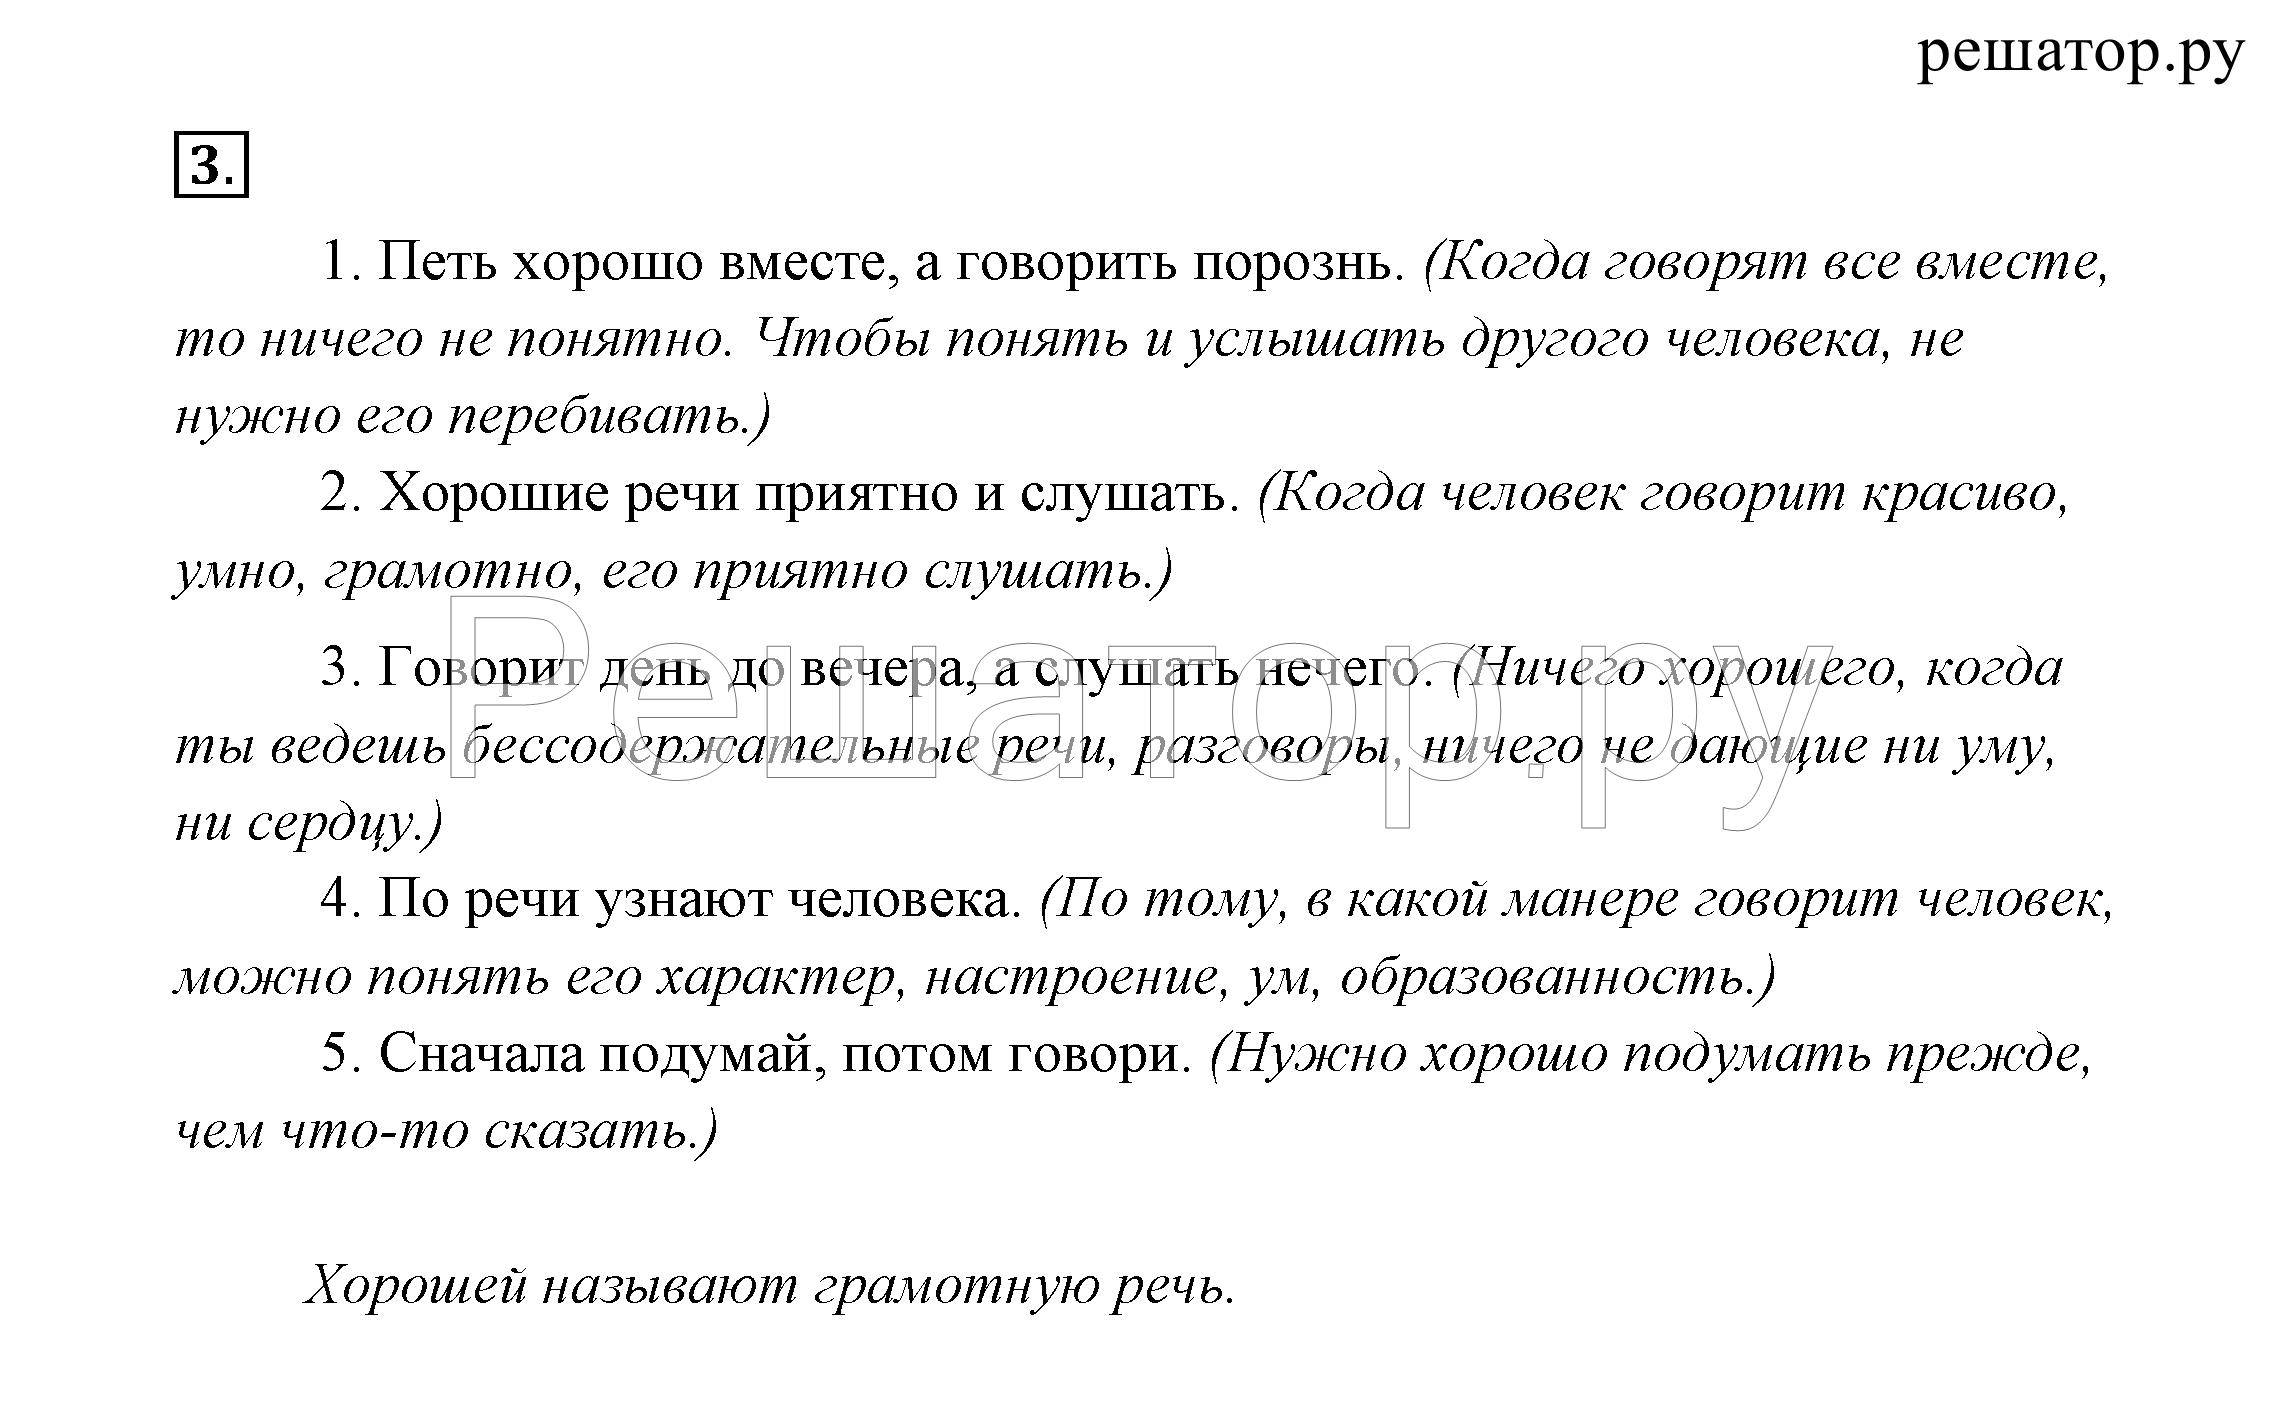 Русский язык 3 класс упражнение 36 канакина, горецкий часть 1.